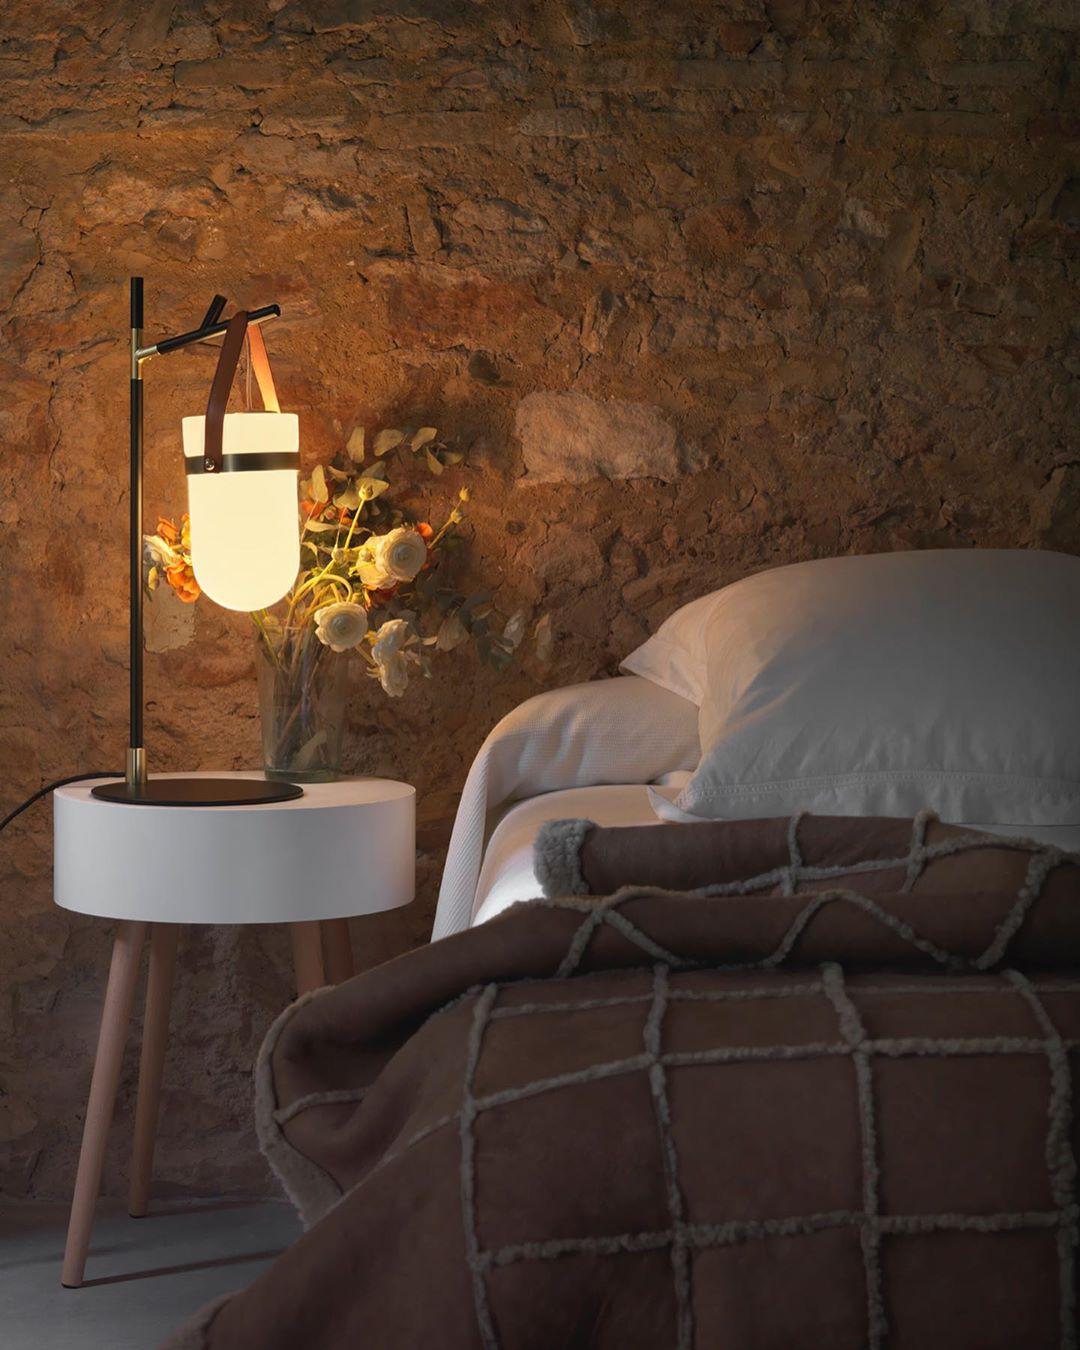 sử dụng 1 nguồn sáng cho phòng ngủ bạn